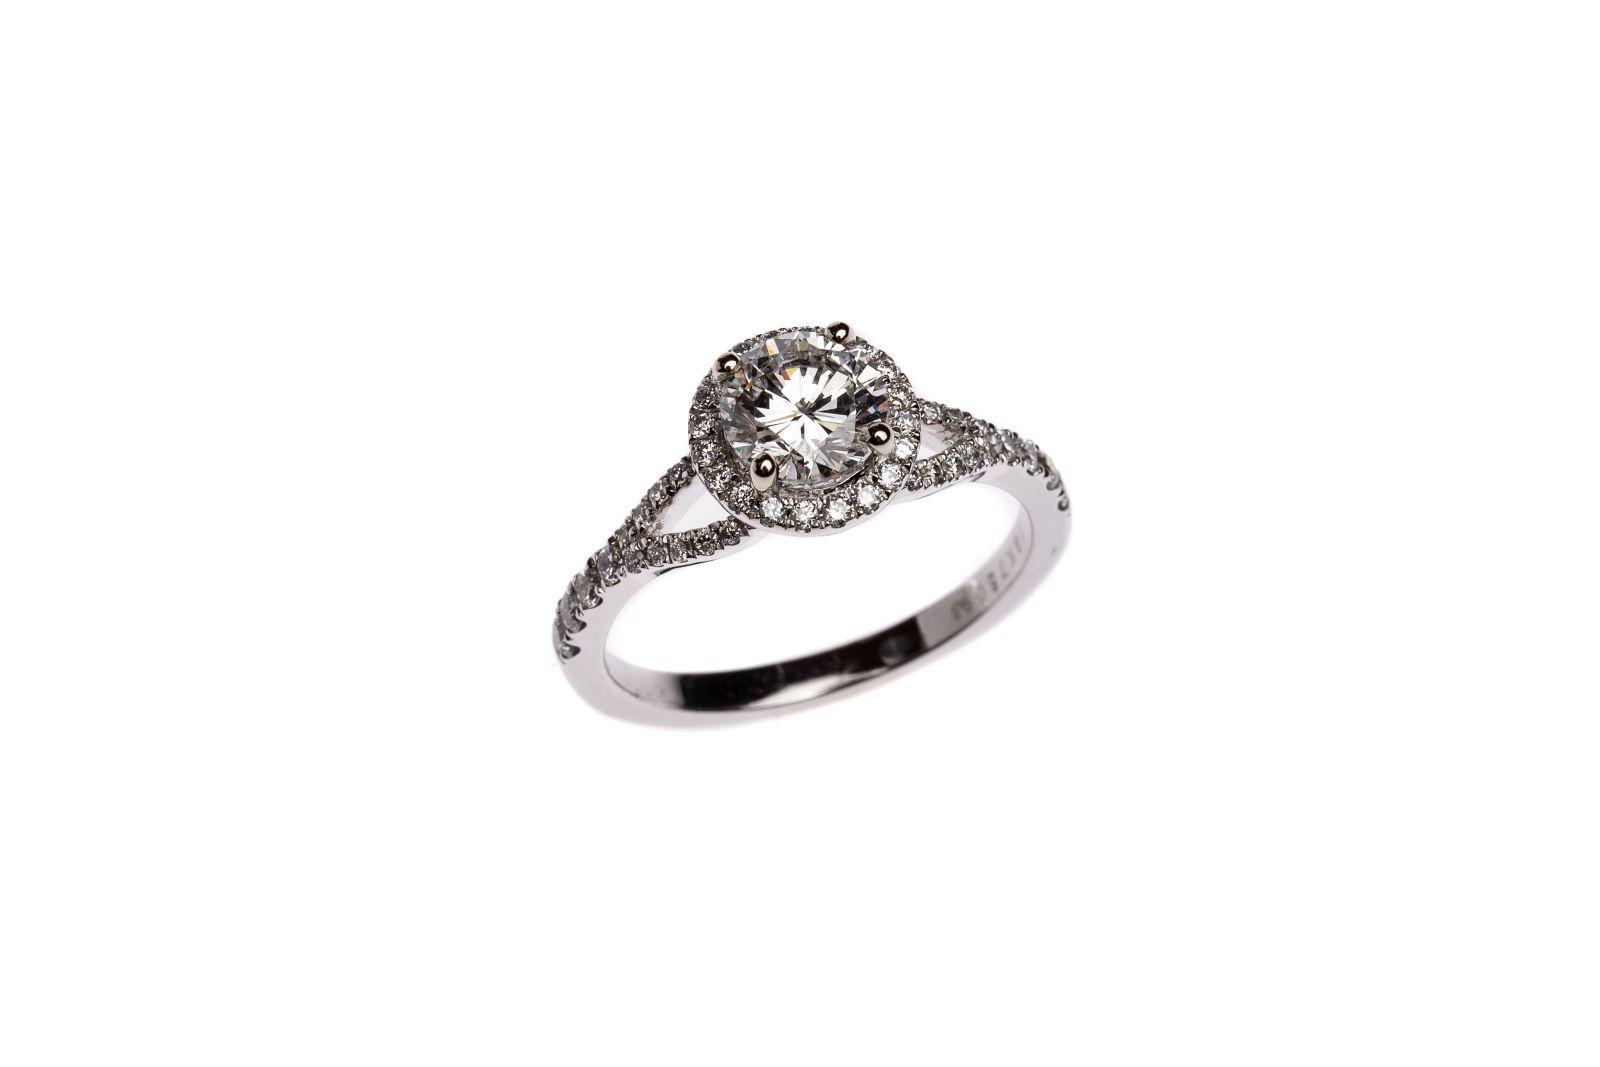 #169 Ring Image